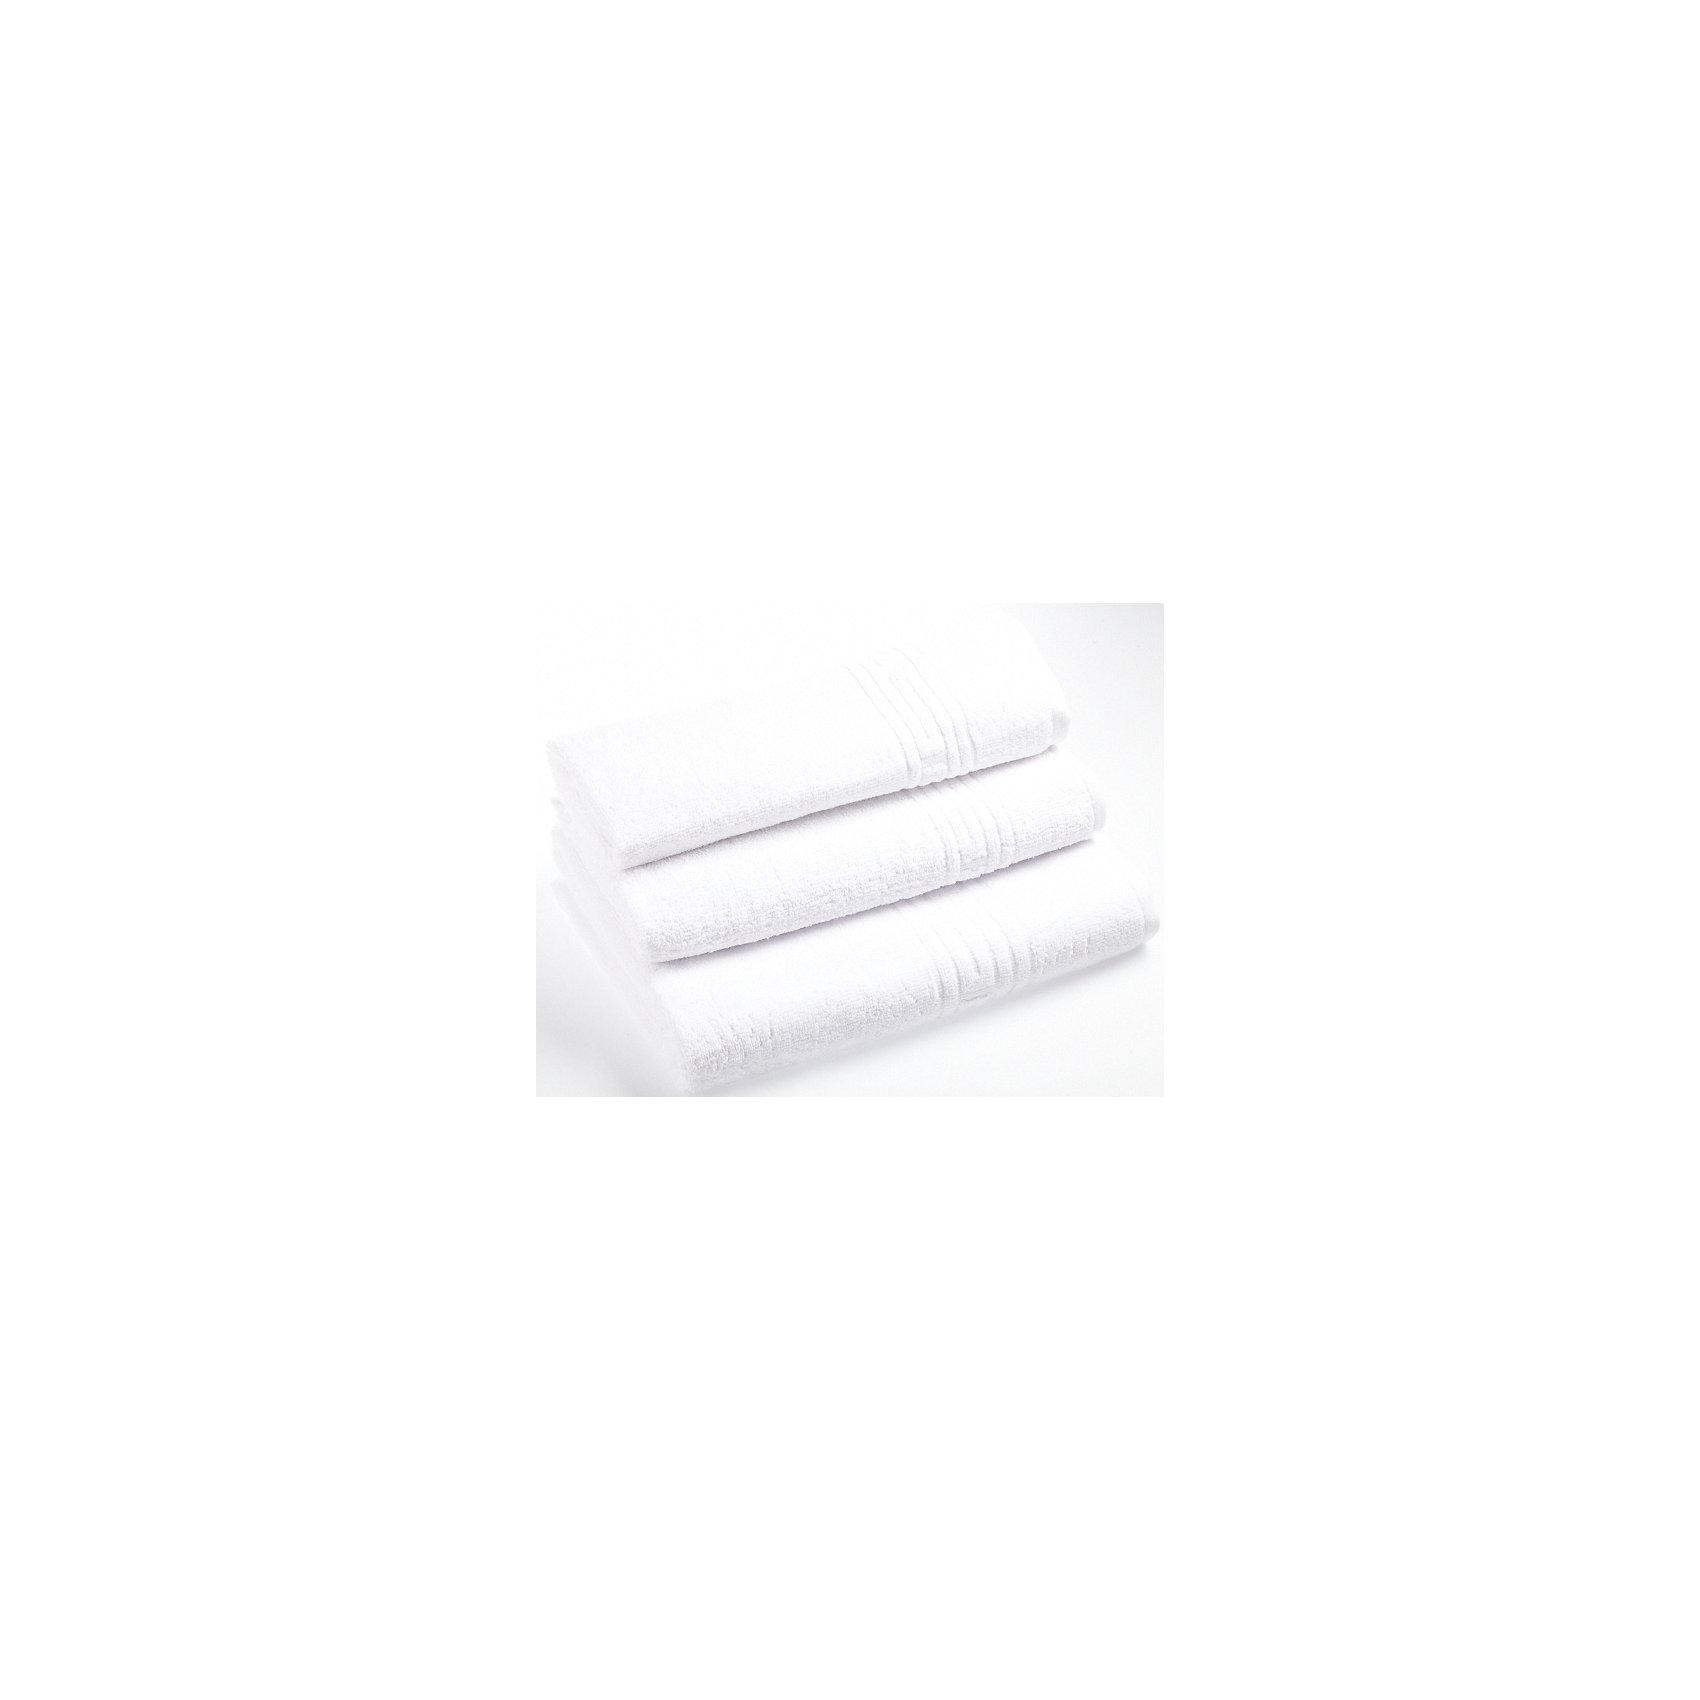 Полотенце махровое Greek 70*140, Португалия, белый